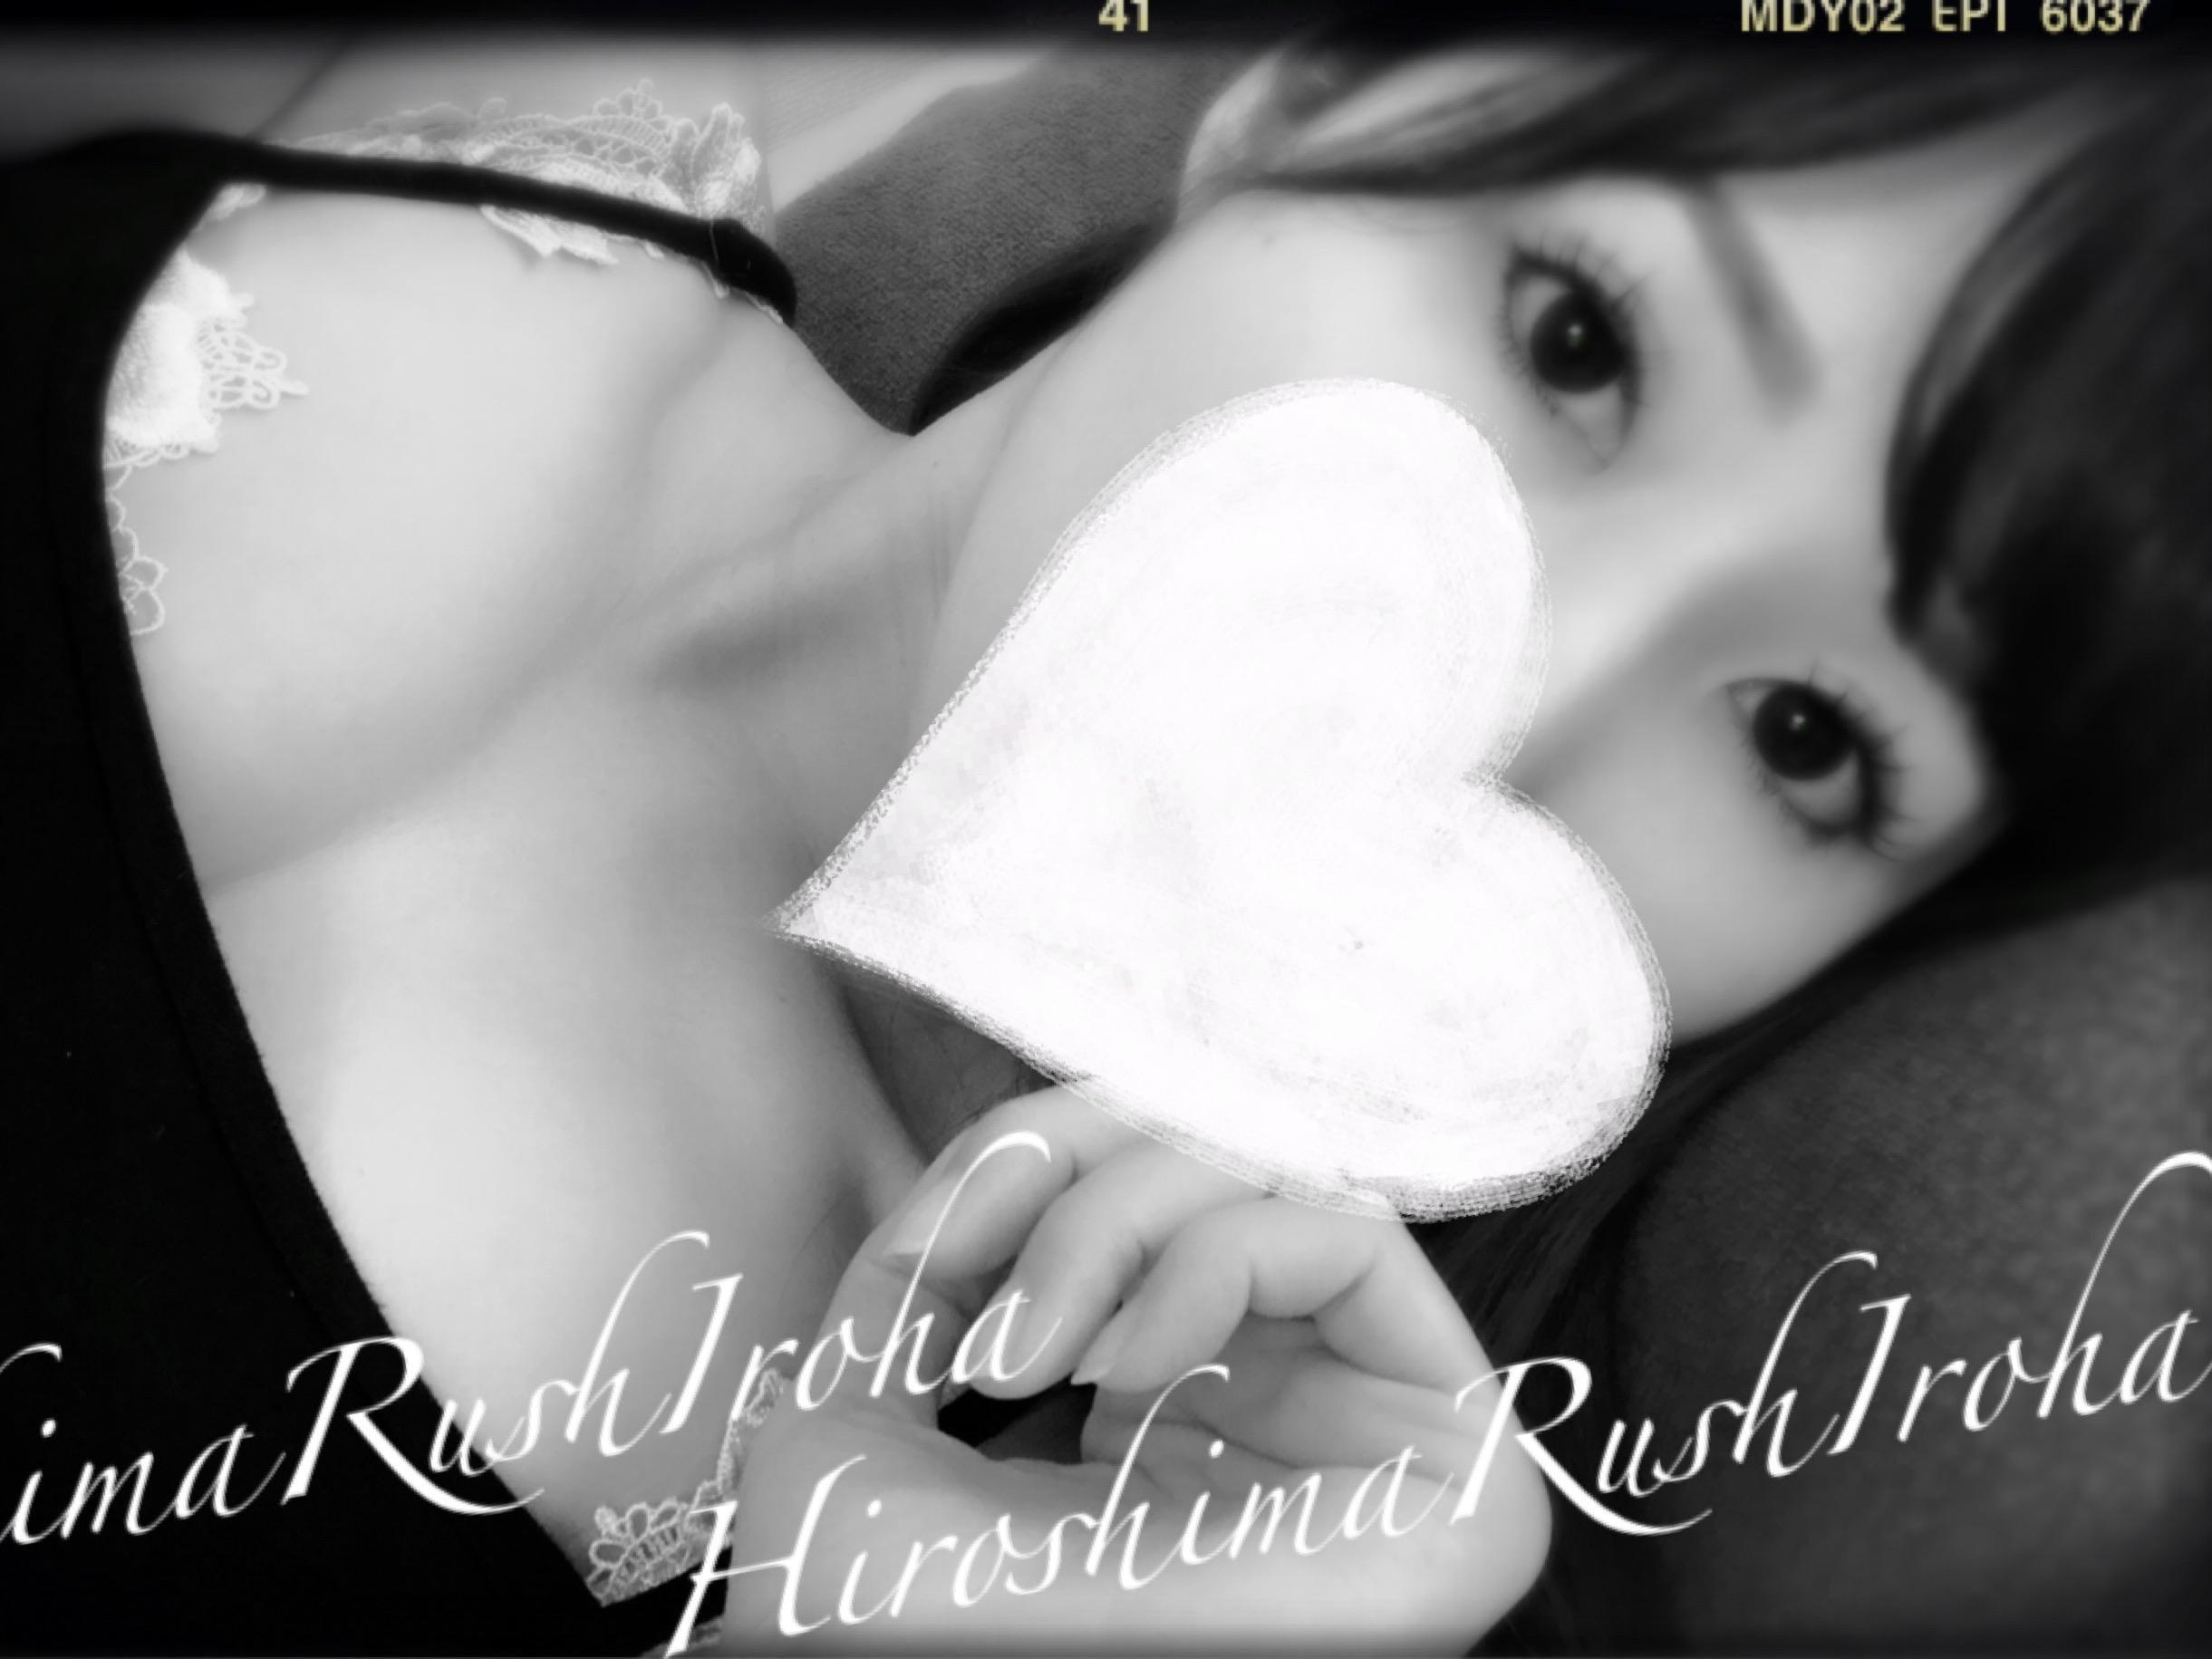 「しゅっきん☆」09/28(09/28) 15:05 | ーイロハーの写メ・風俗動画